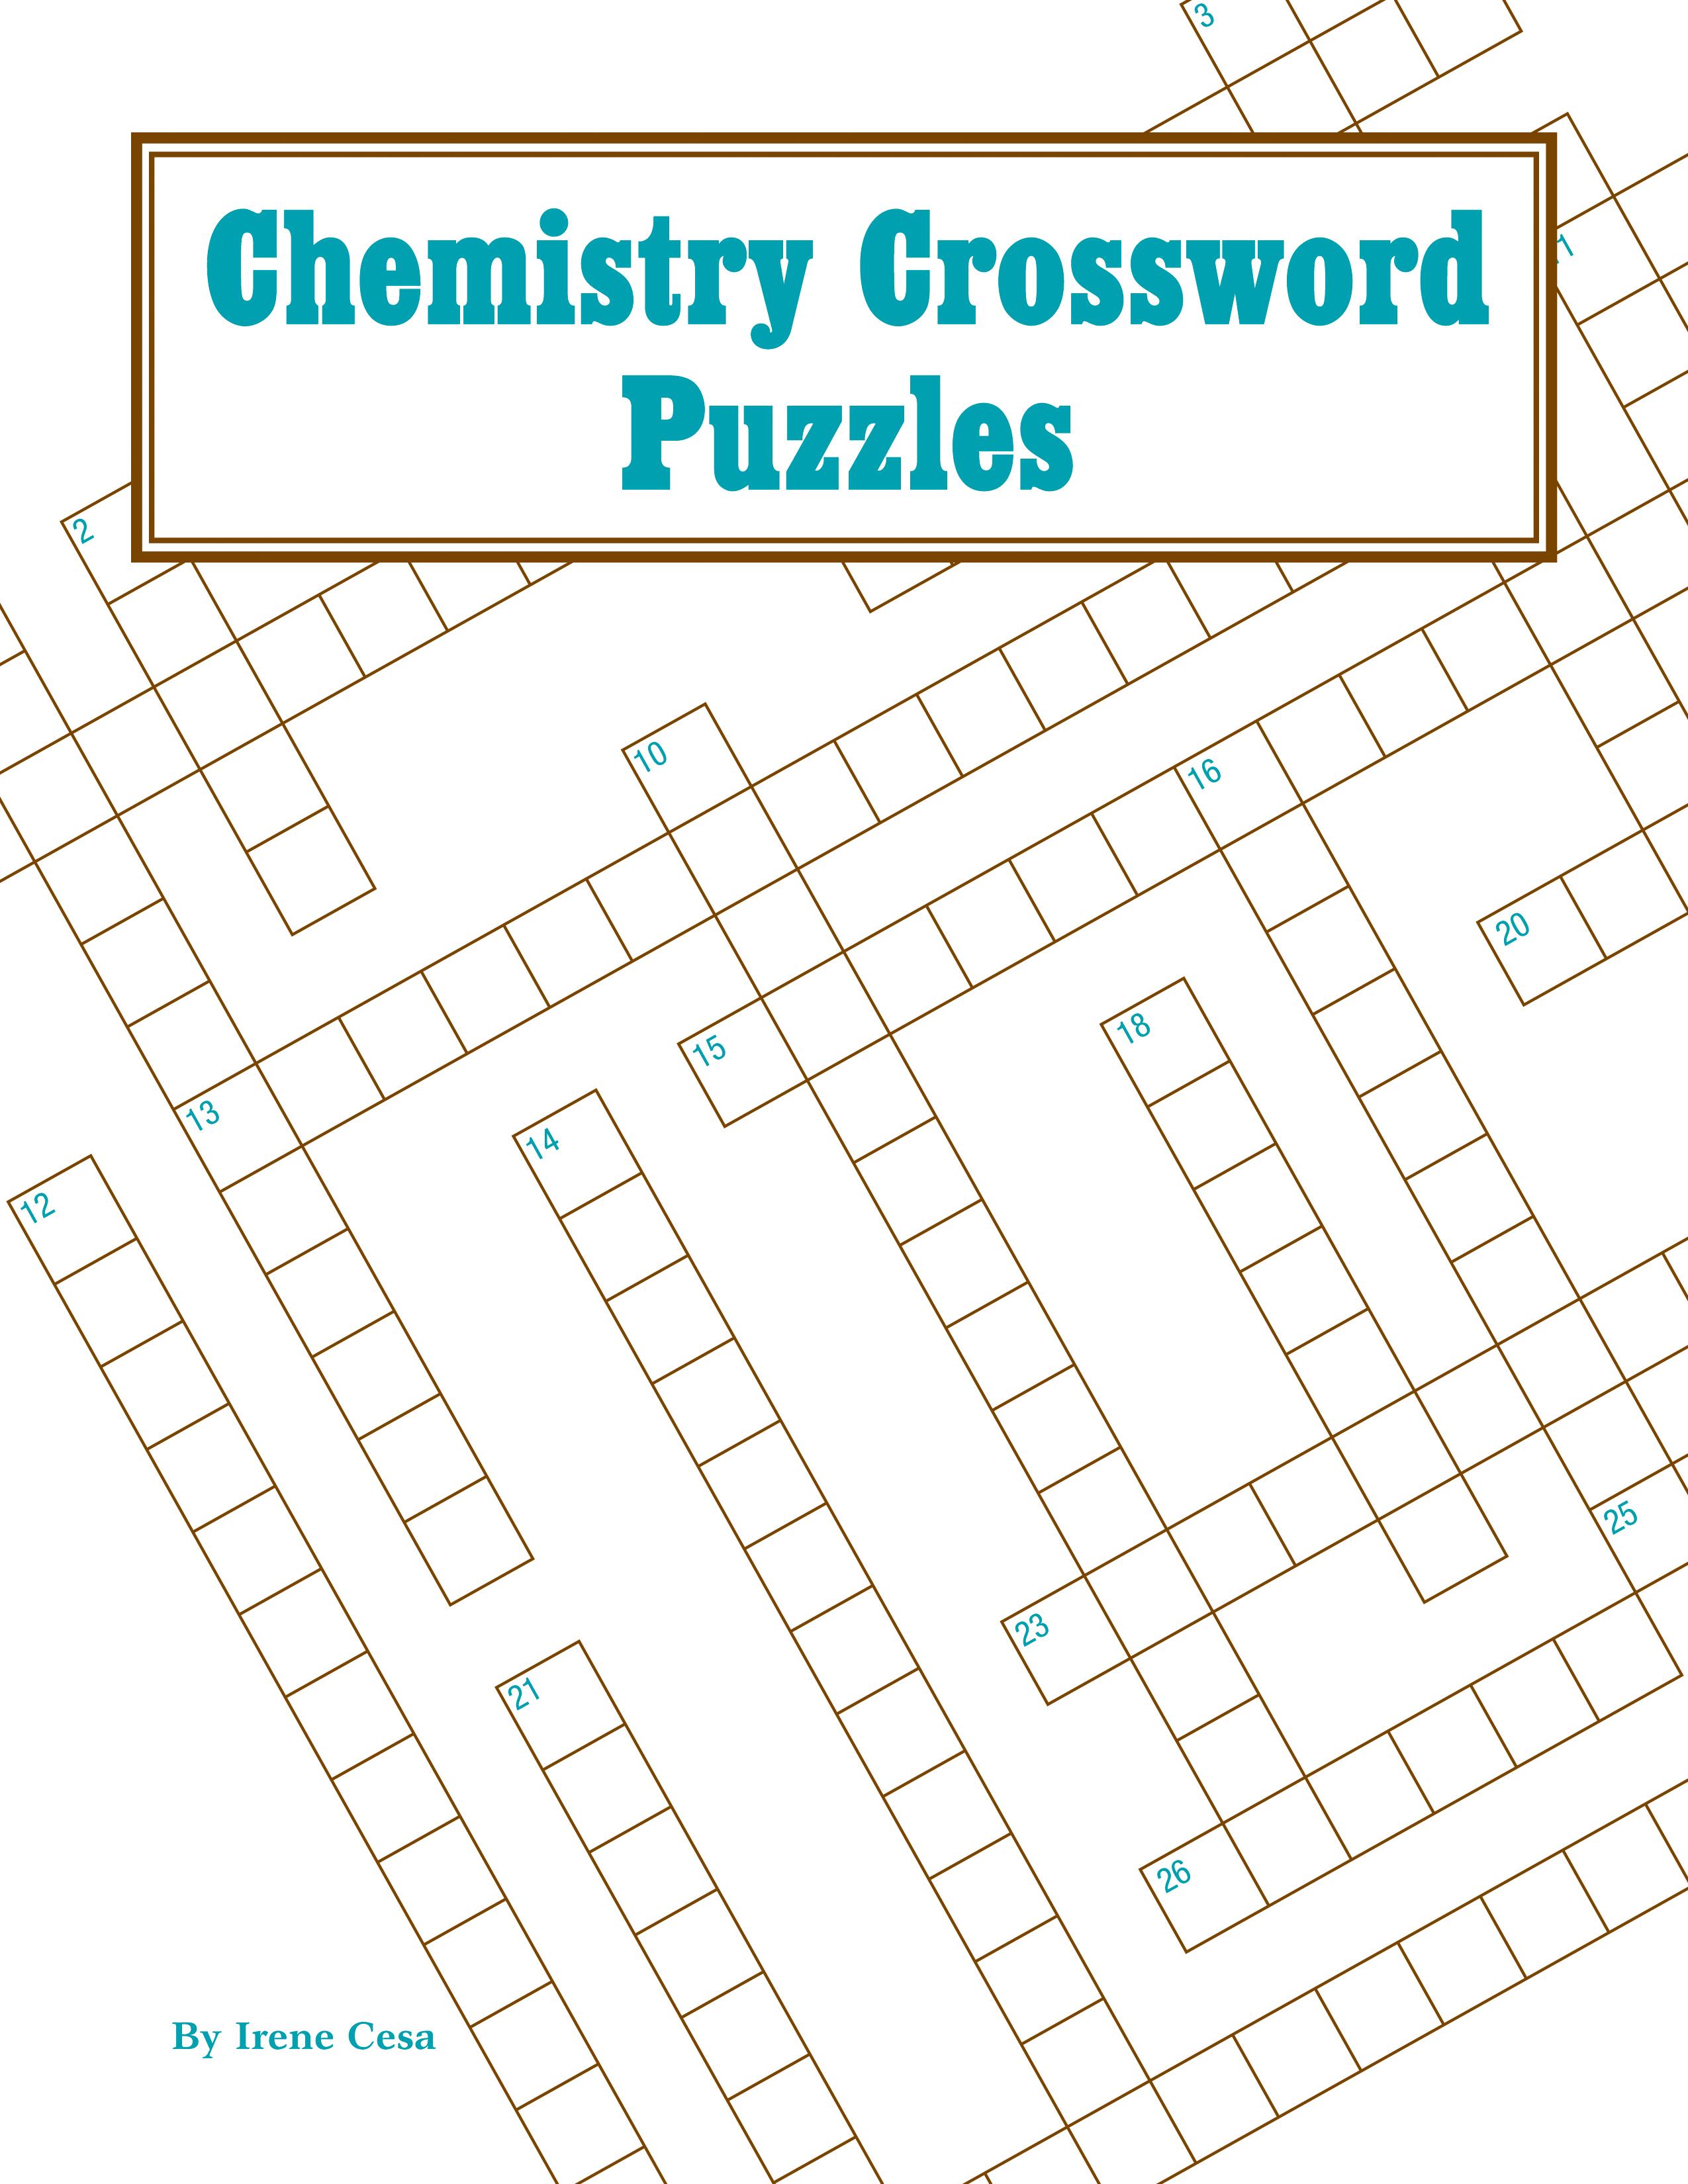 Chemistry Crossword Puzzles